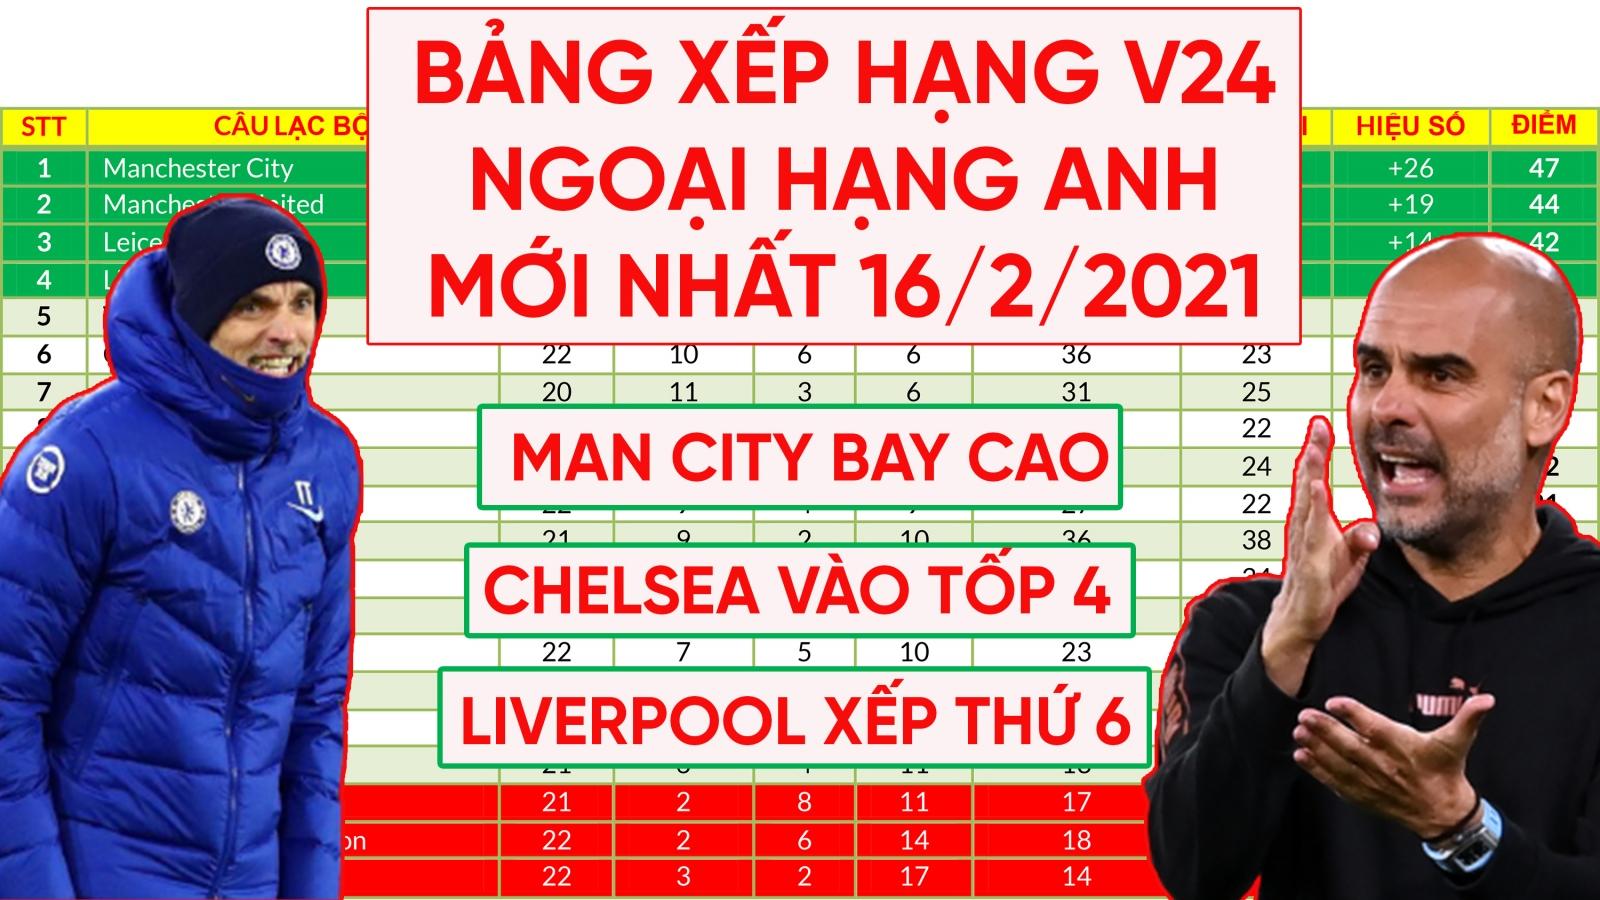 Bảng xếp hạng Ngoại hạng Anh mới nhất: Chelsea vào tốp 4, Liverpool xuống thứ 6